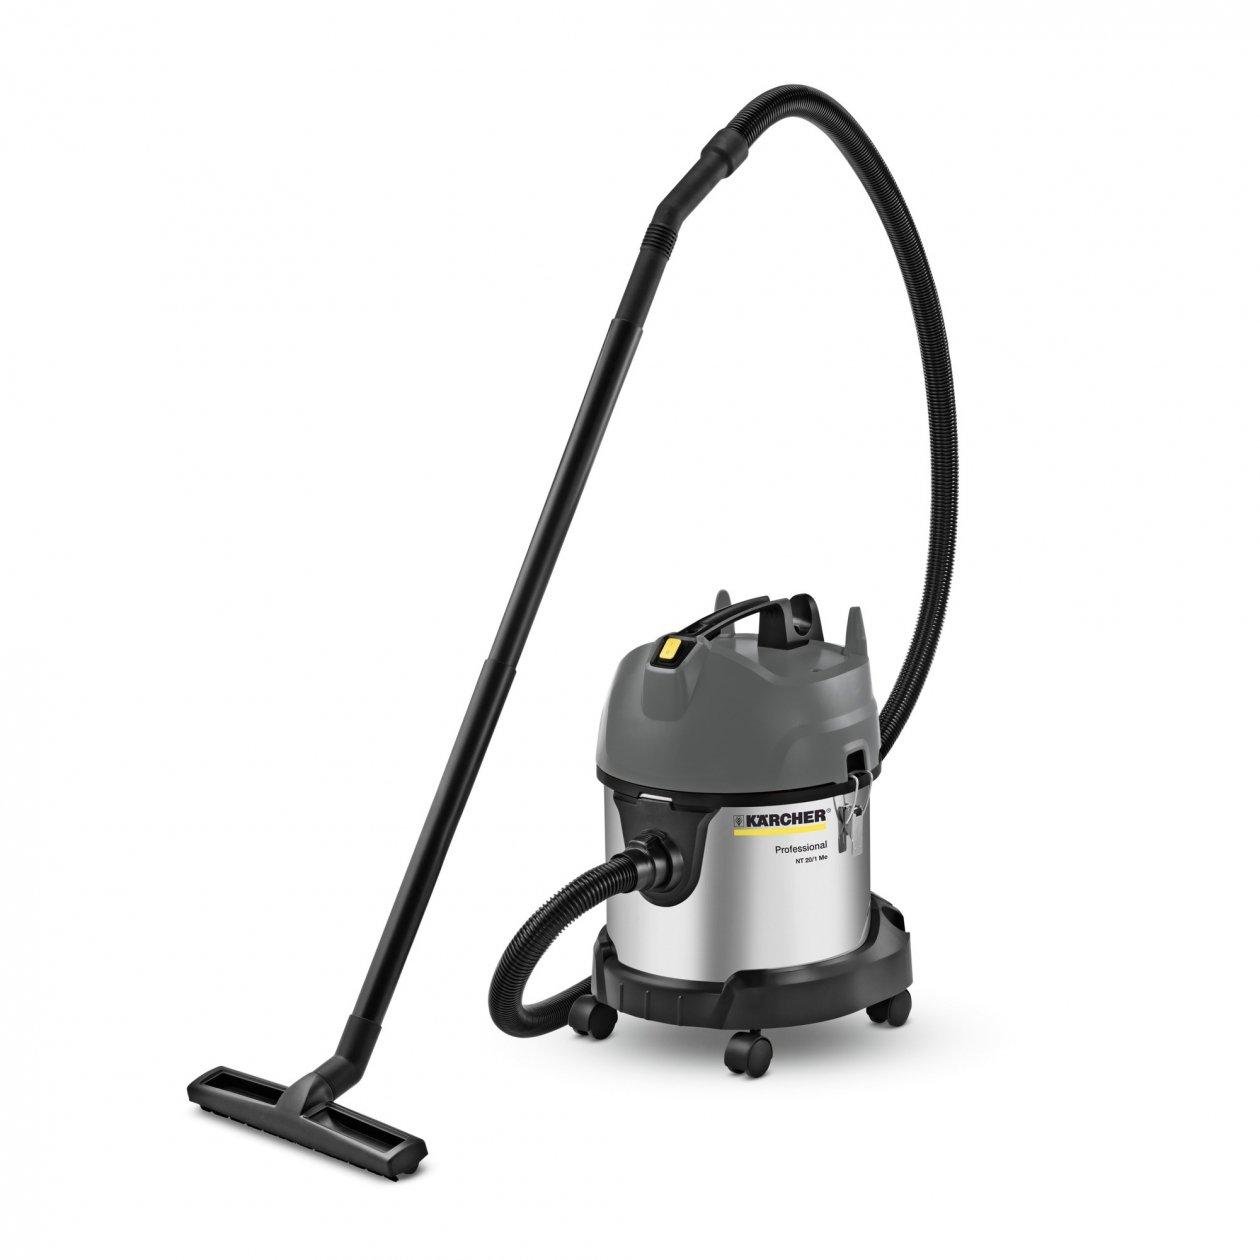 KARCHER 1.428-548.0 Aspirador professional para seco y humedo NT 20//1 Me Classic